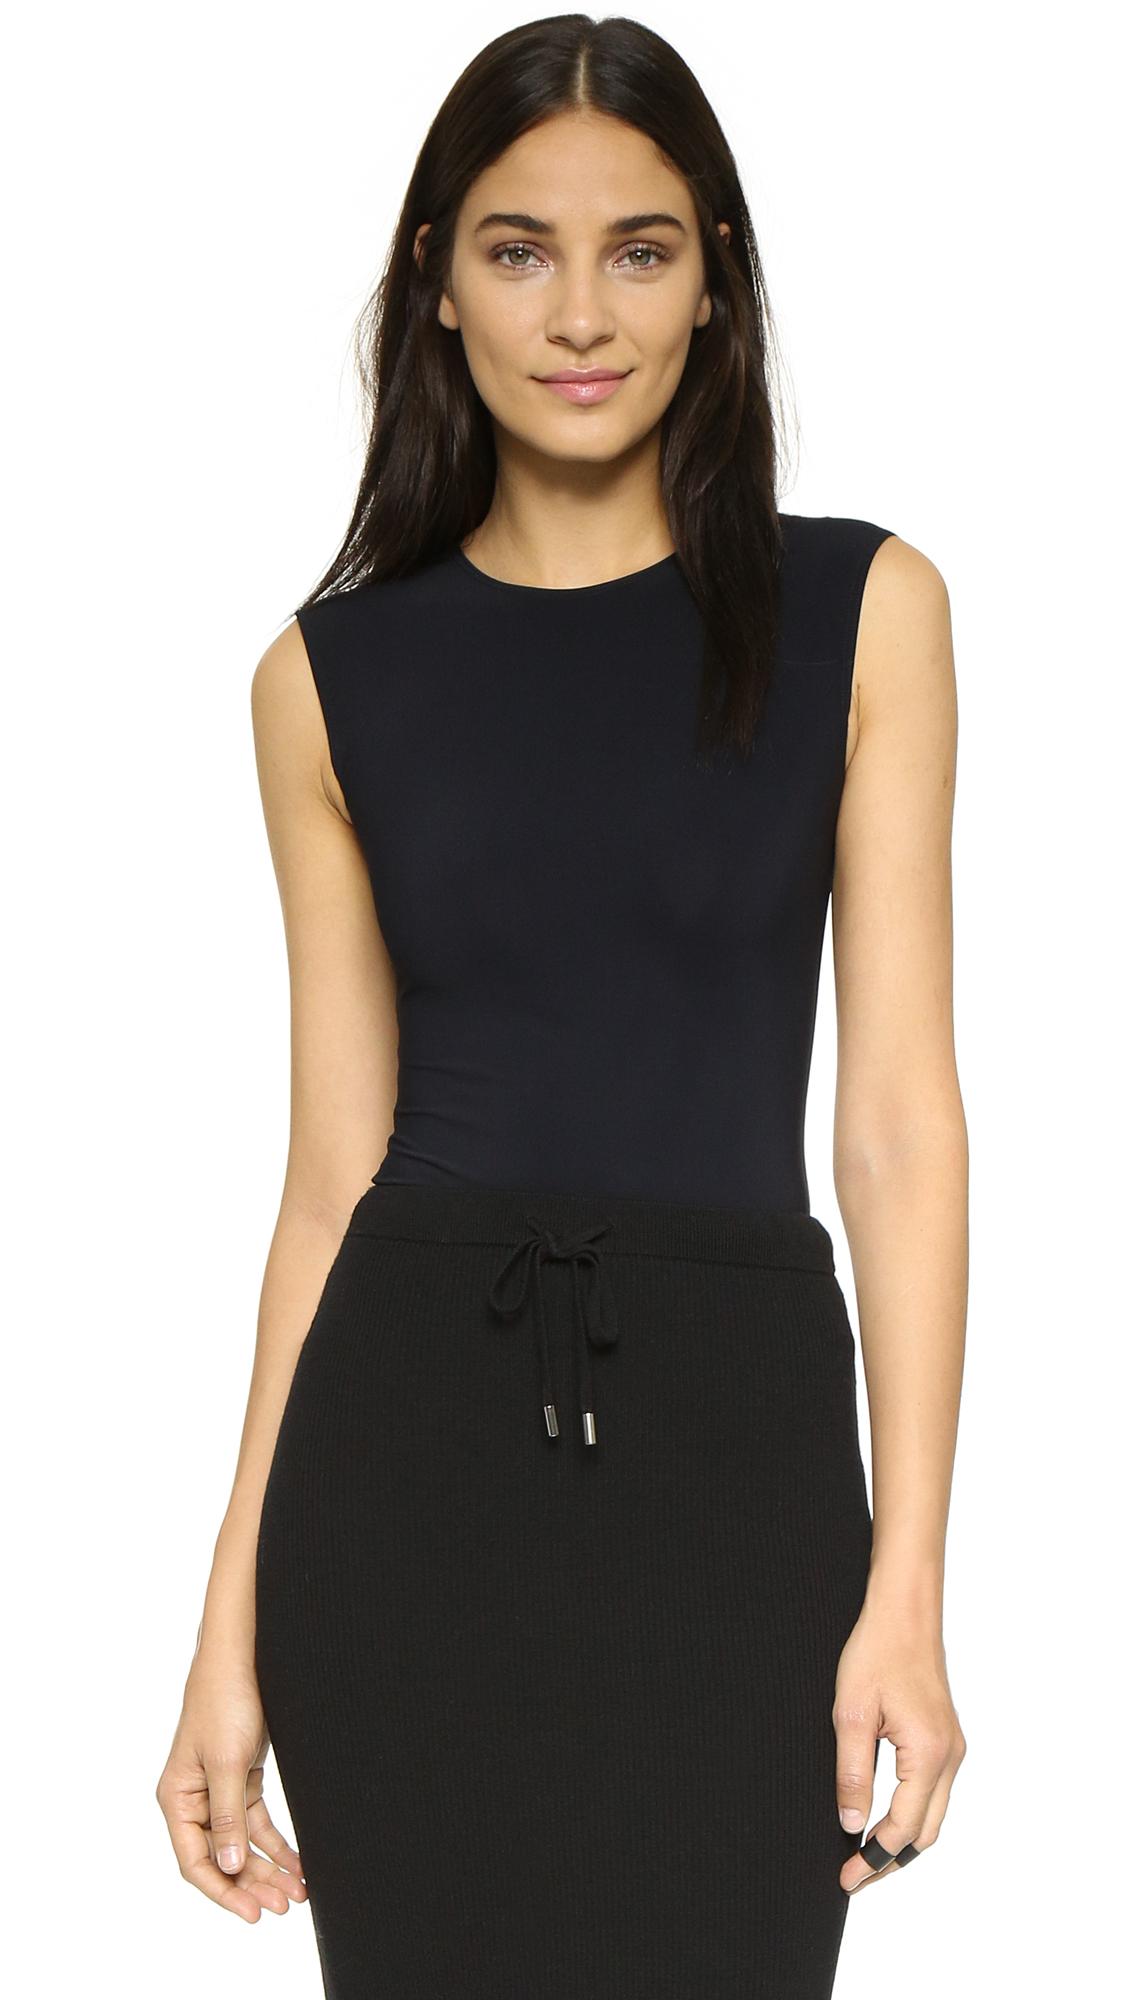 Alix Lenox Skin Thong Bodysuit - Black at Shopbop